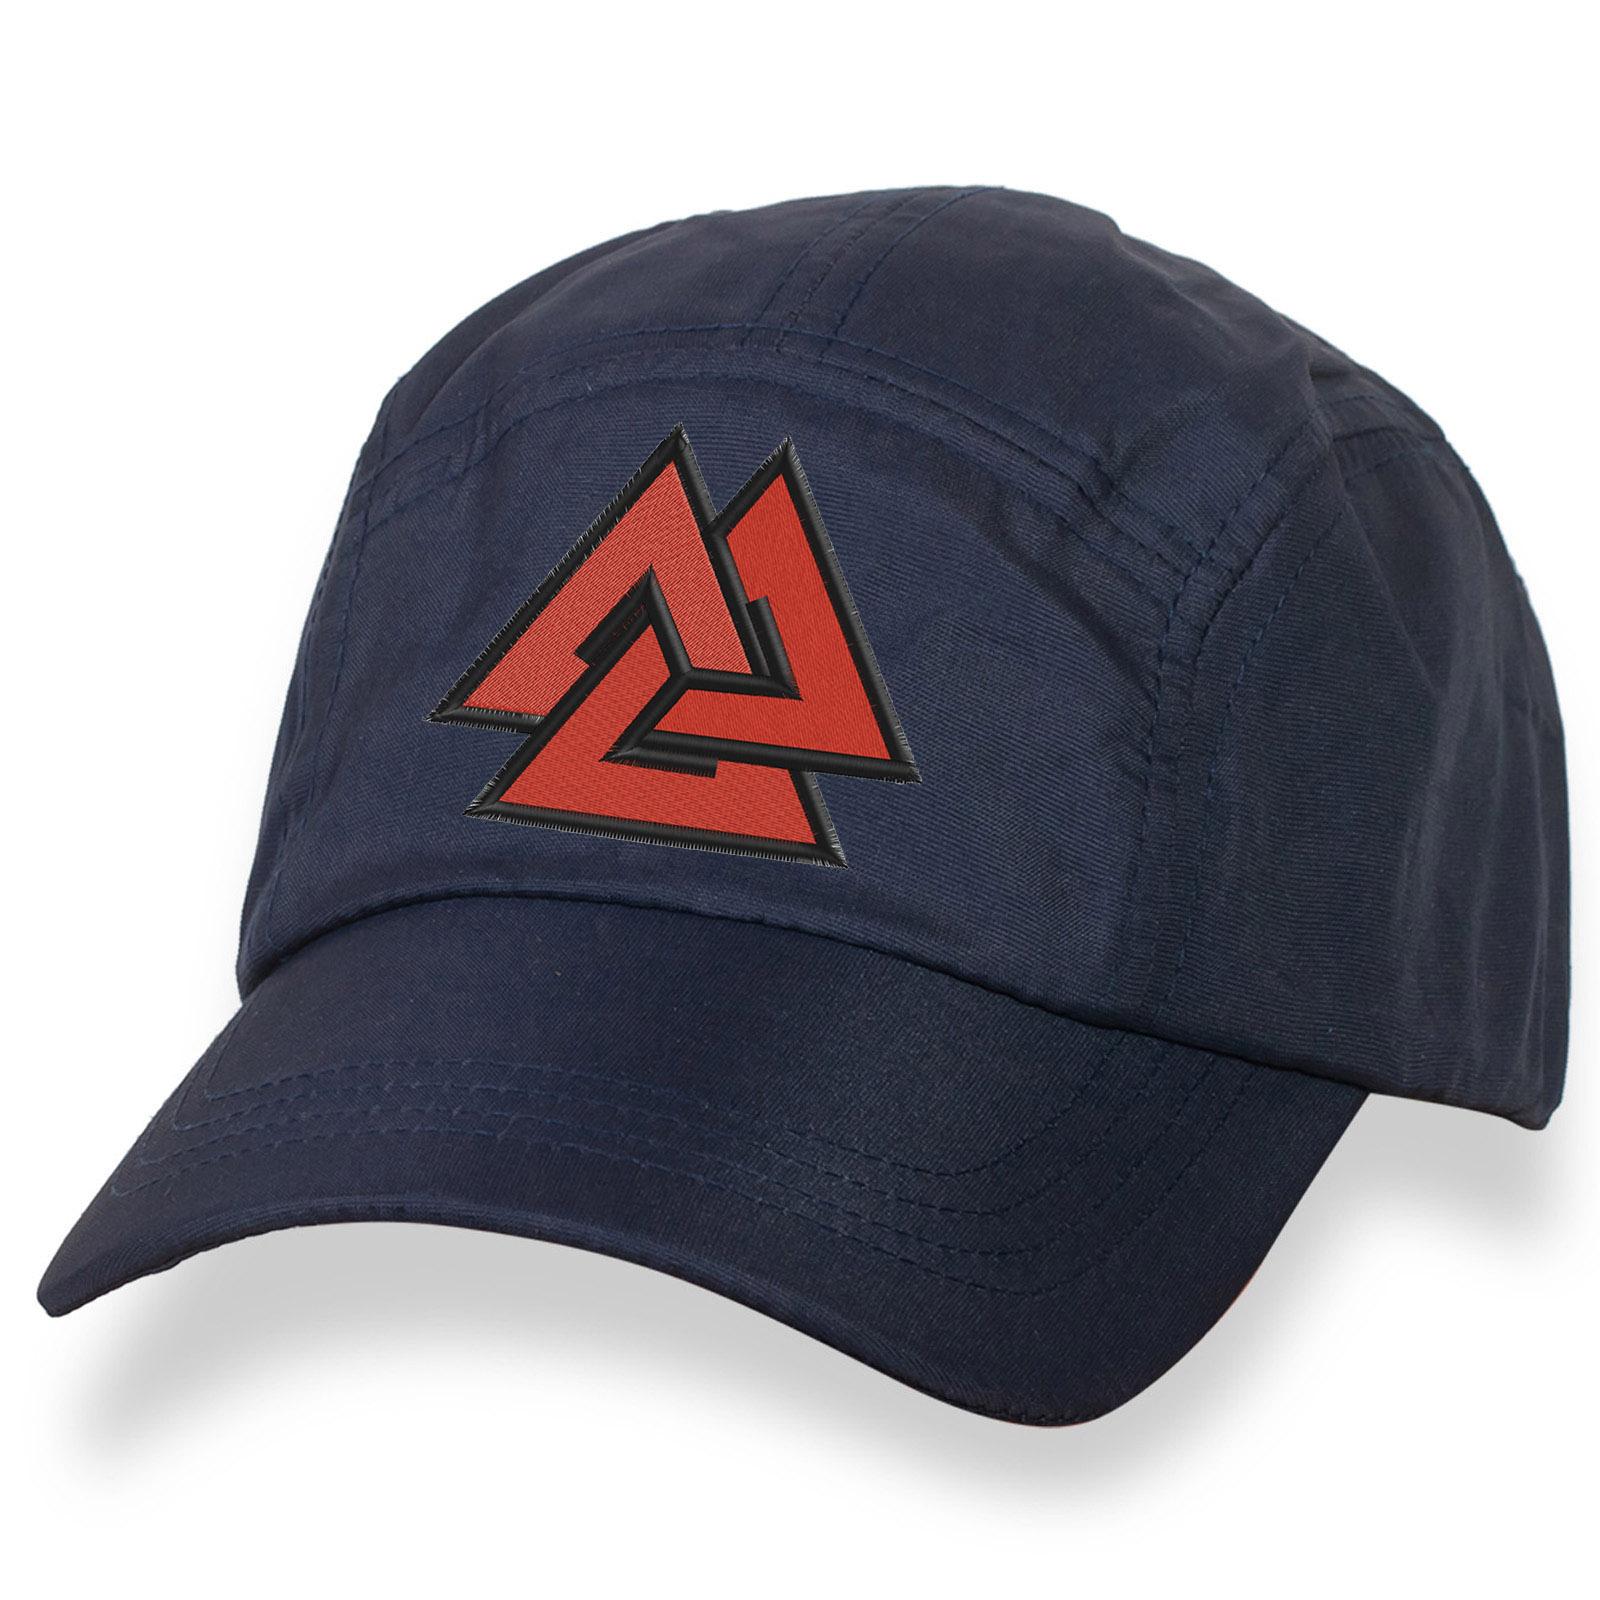 Синяя бейсболка с вышитым символом «Валькнут».